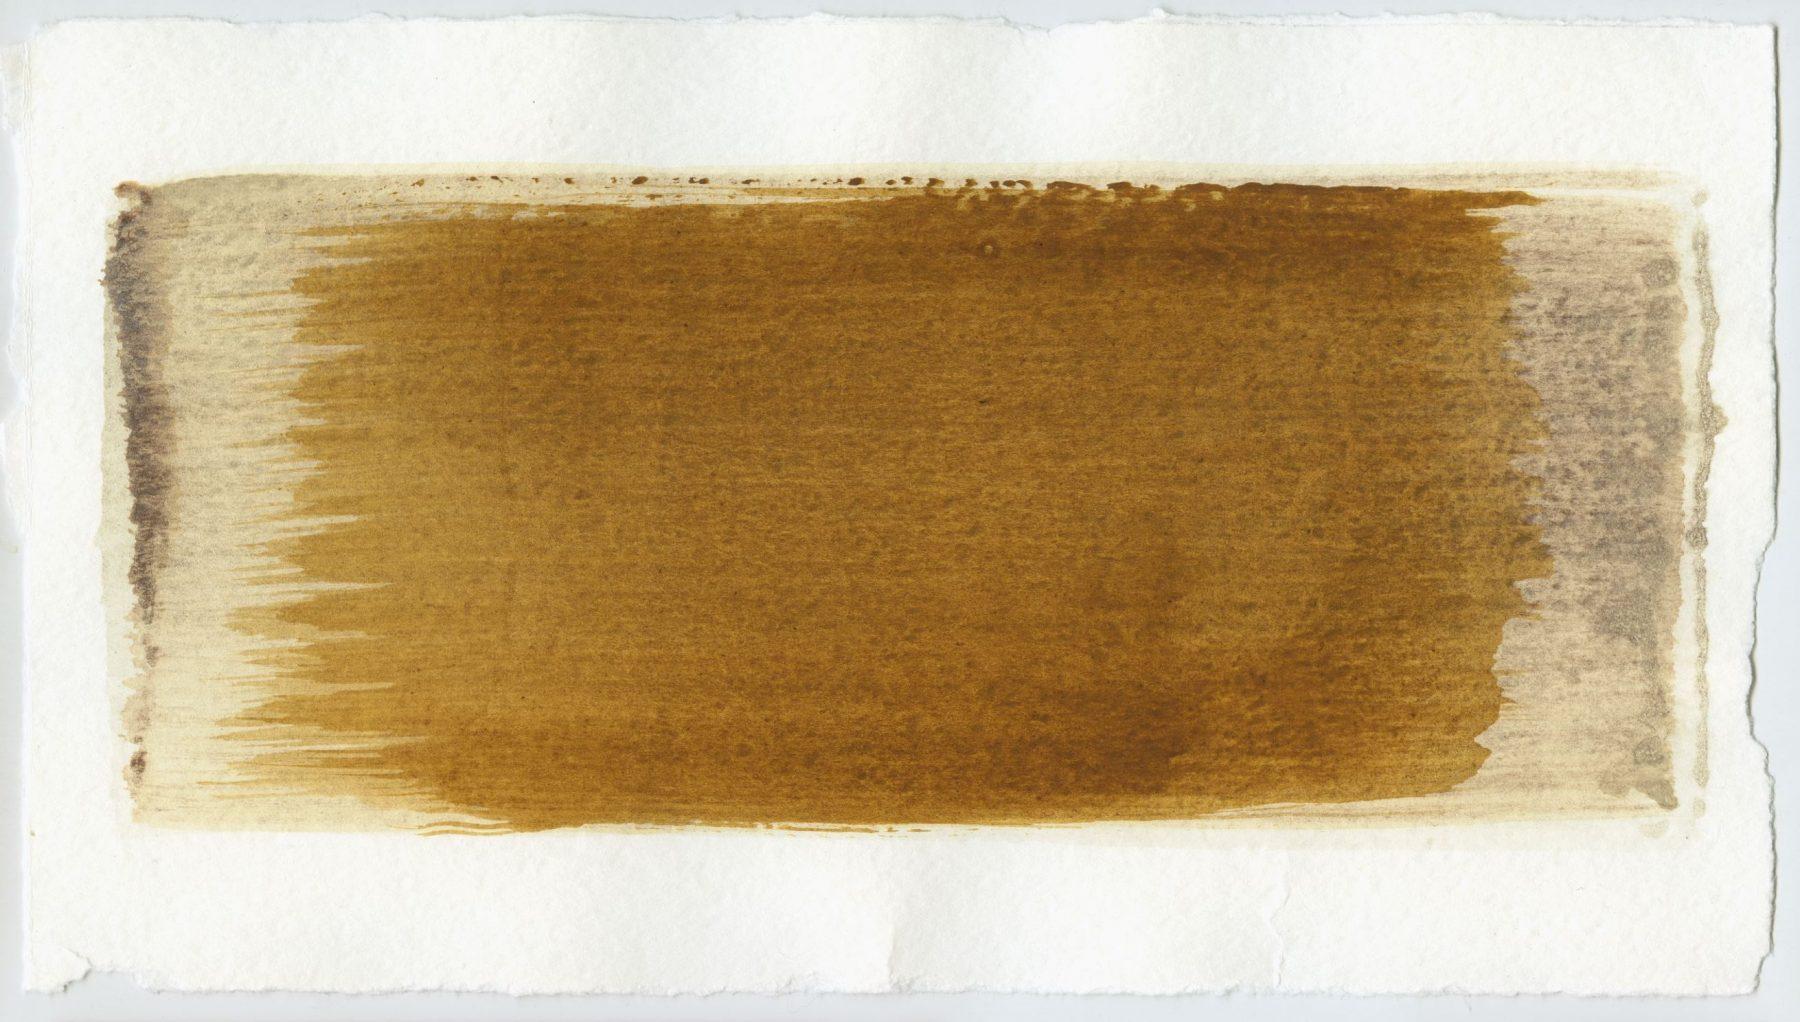 Brush stroke no. 50 - Selfmade pigment: IJzeroer gebrand, Boekels grijs, Mortelse goudoker